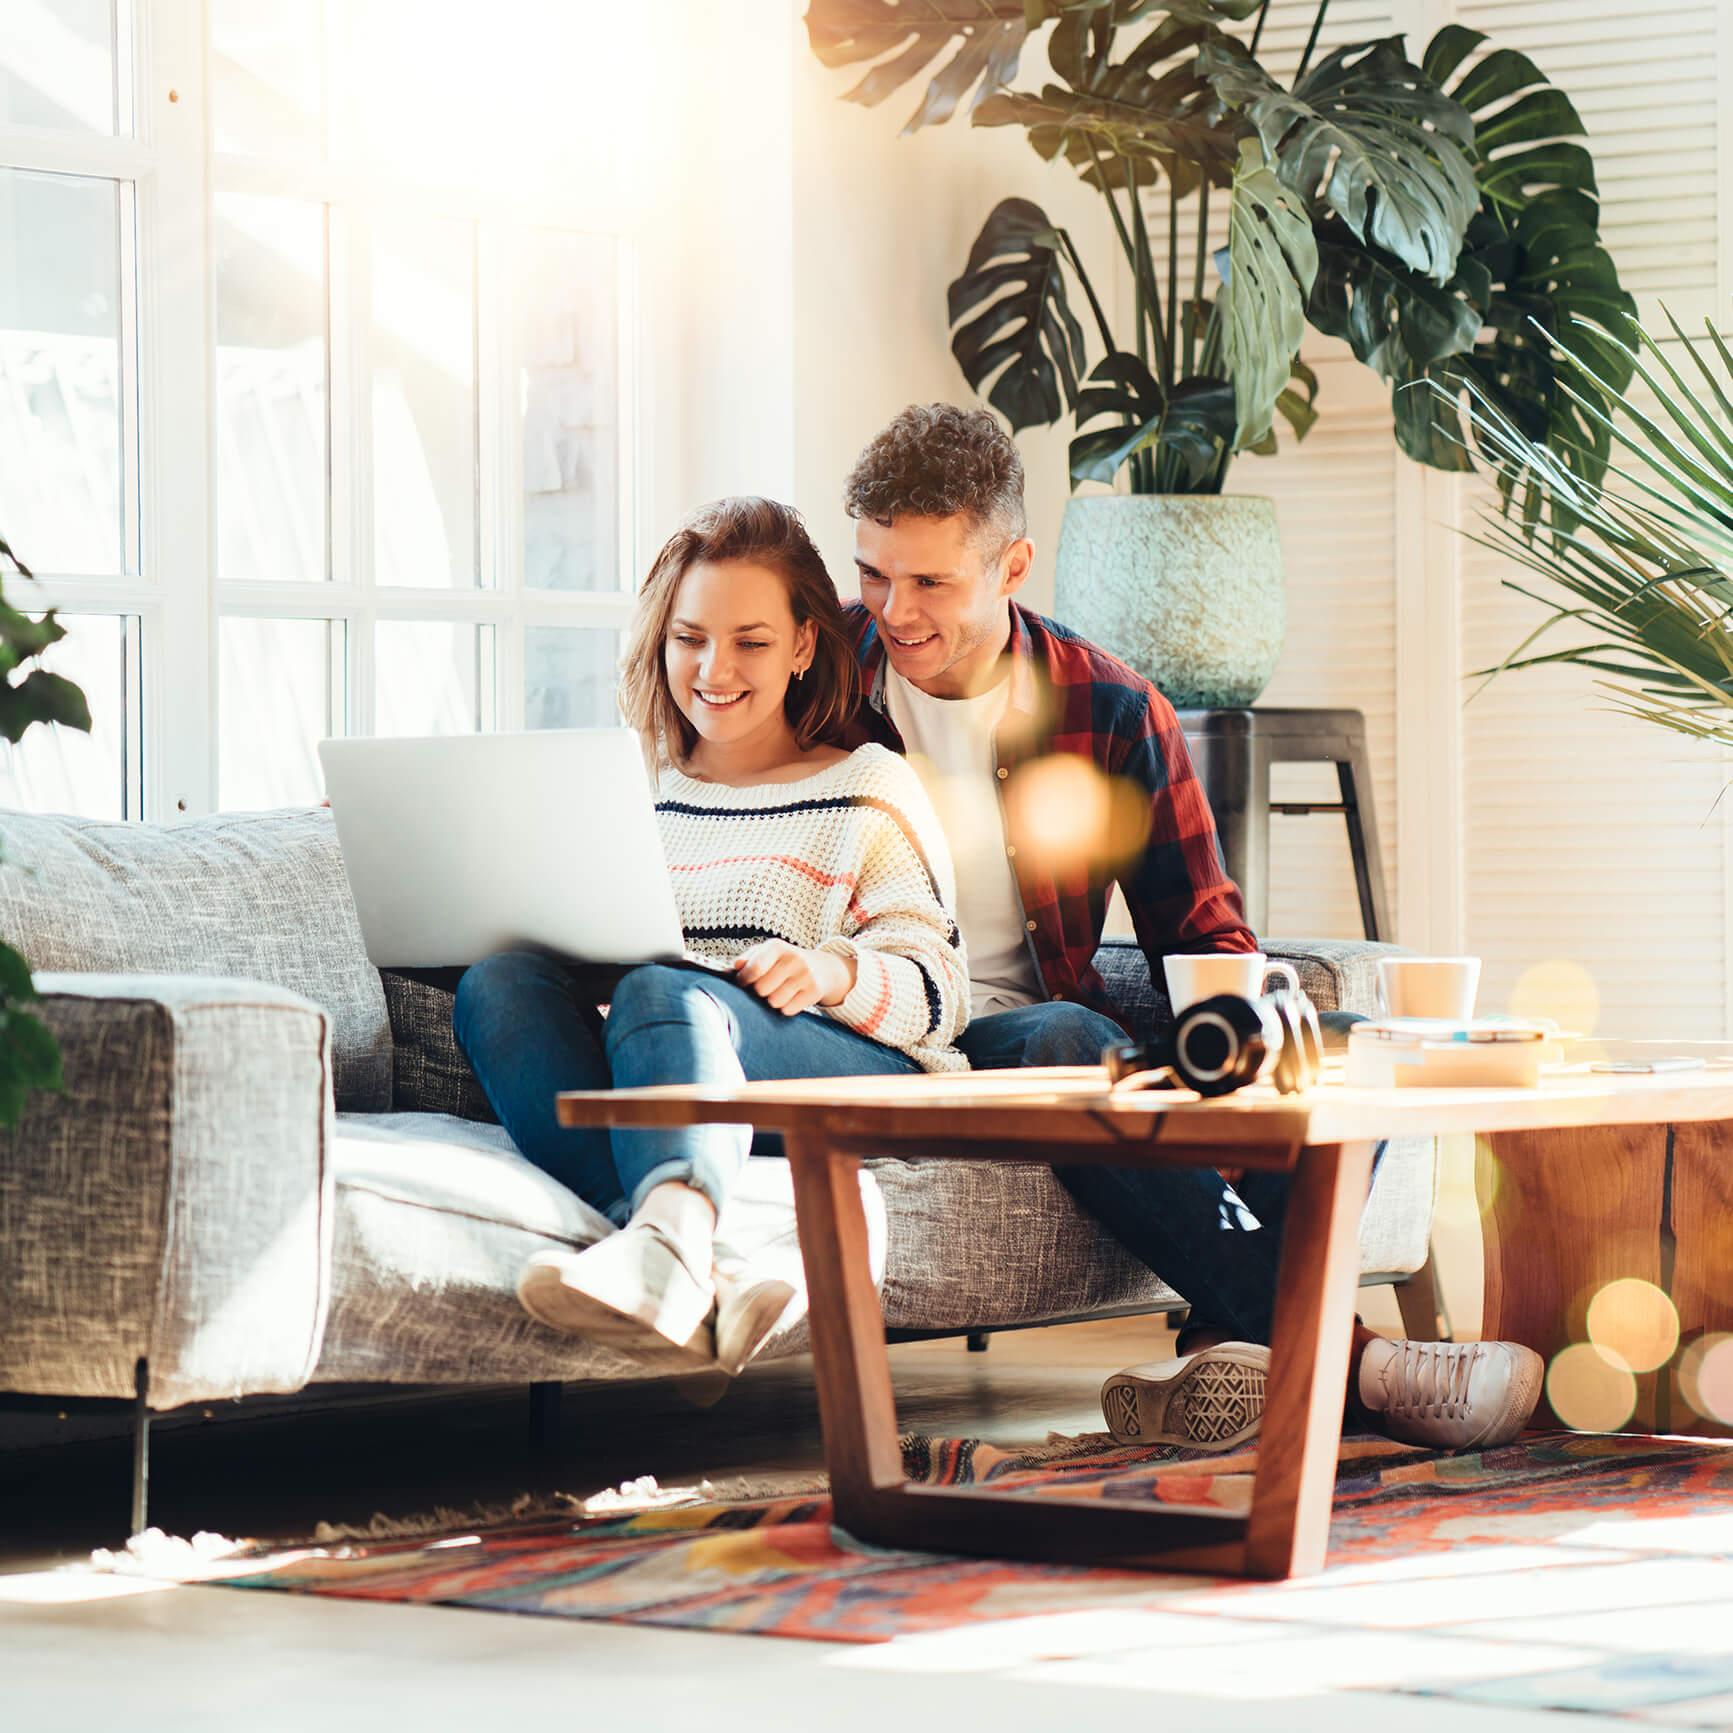 Jong koppel in sofa met laptop - Kapelhoek